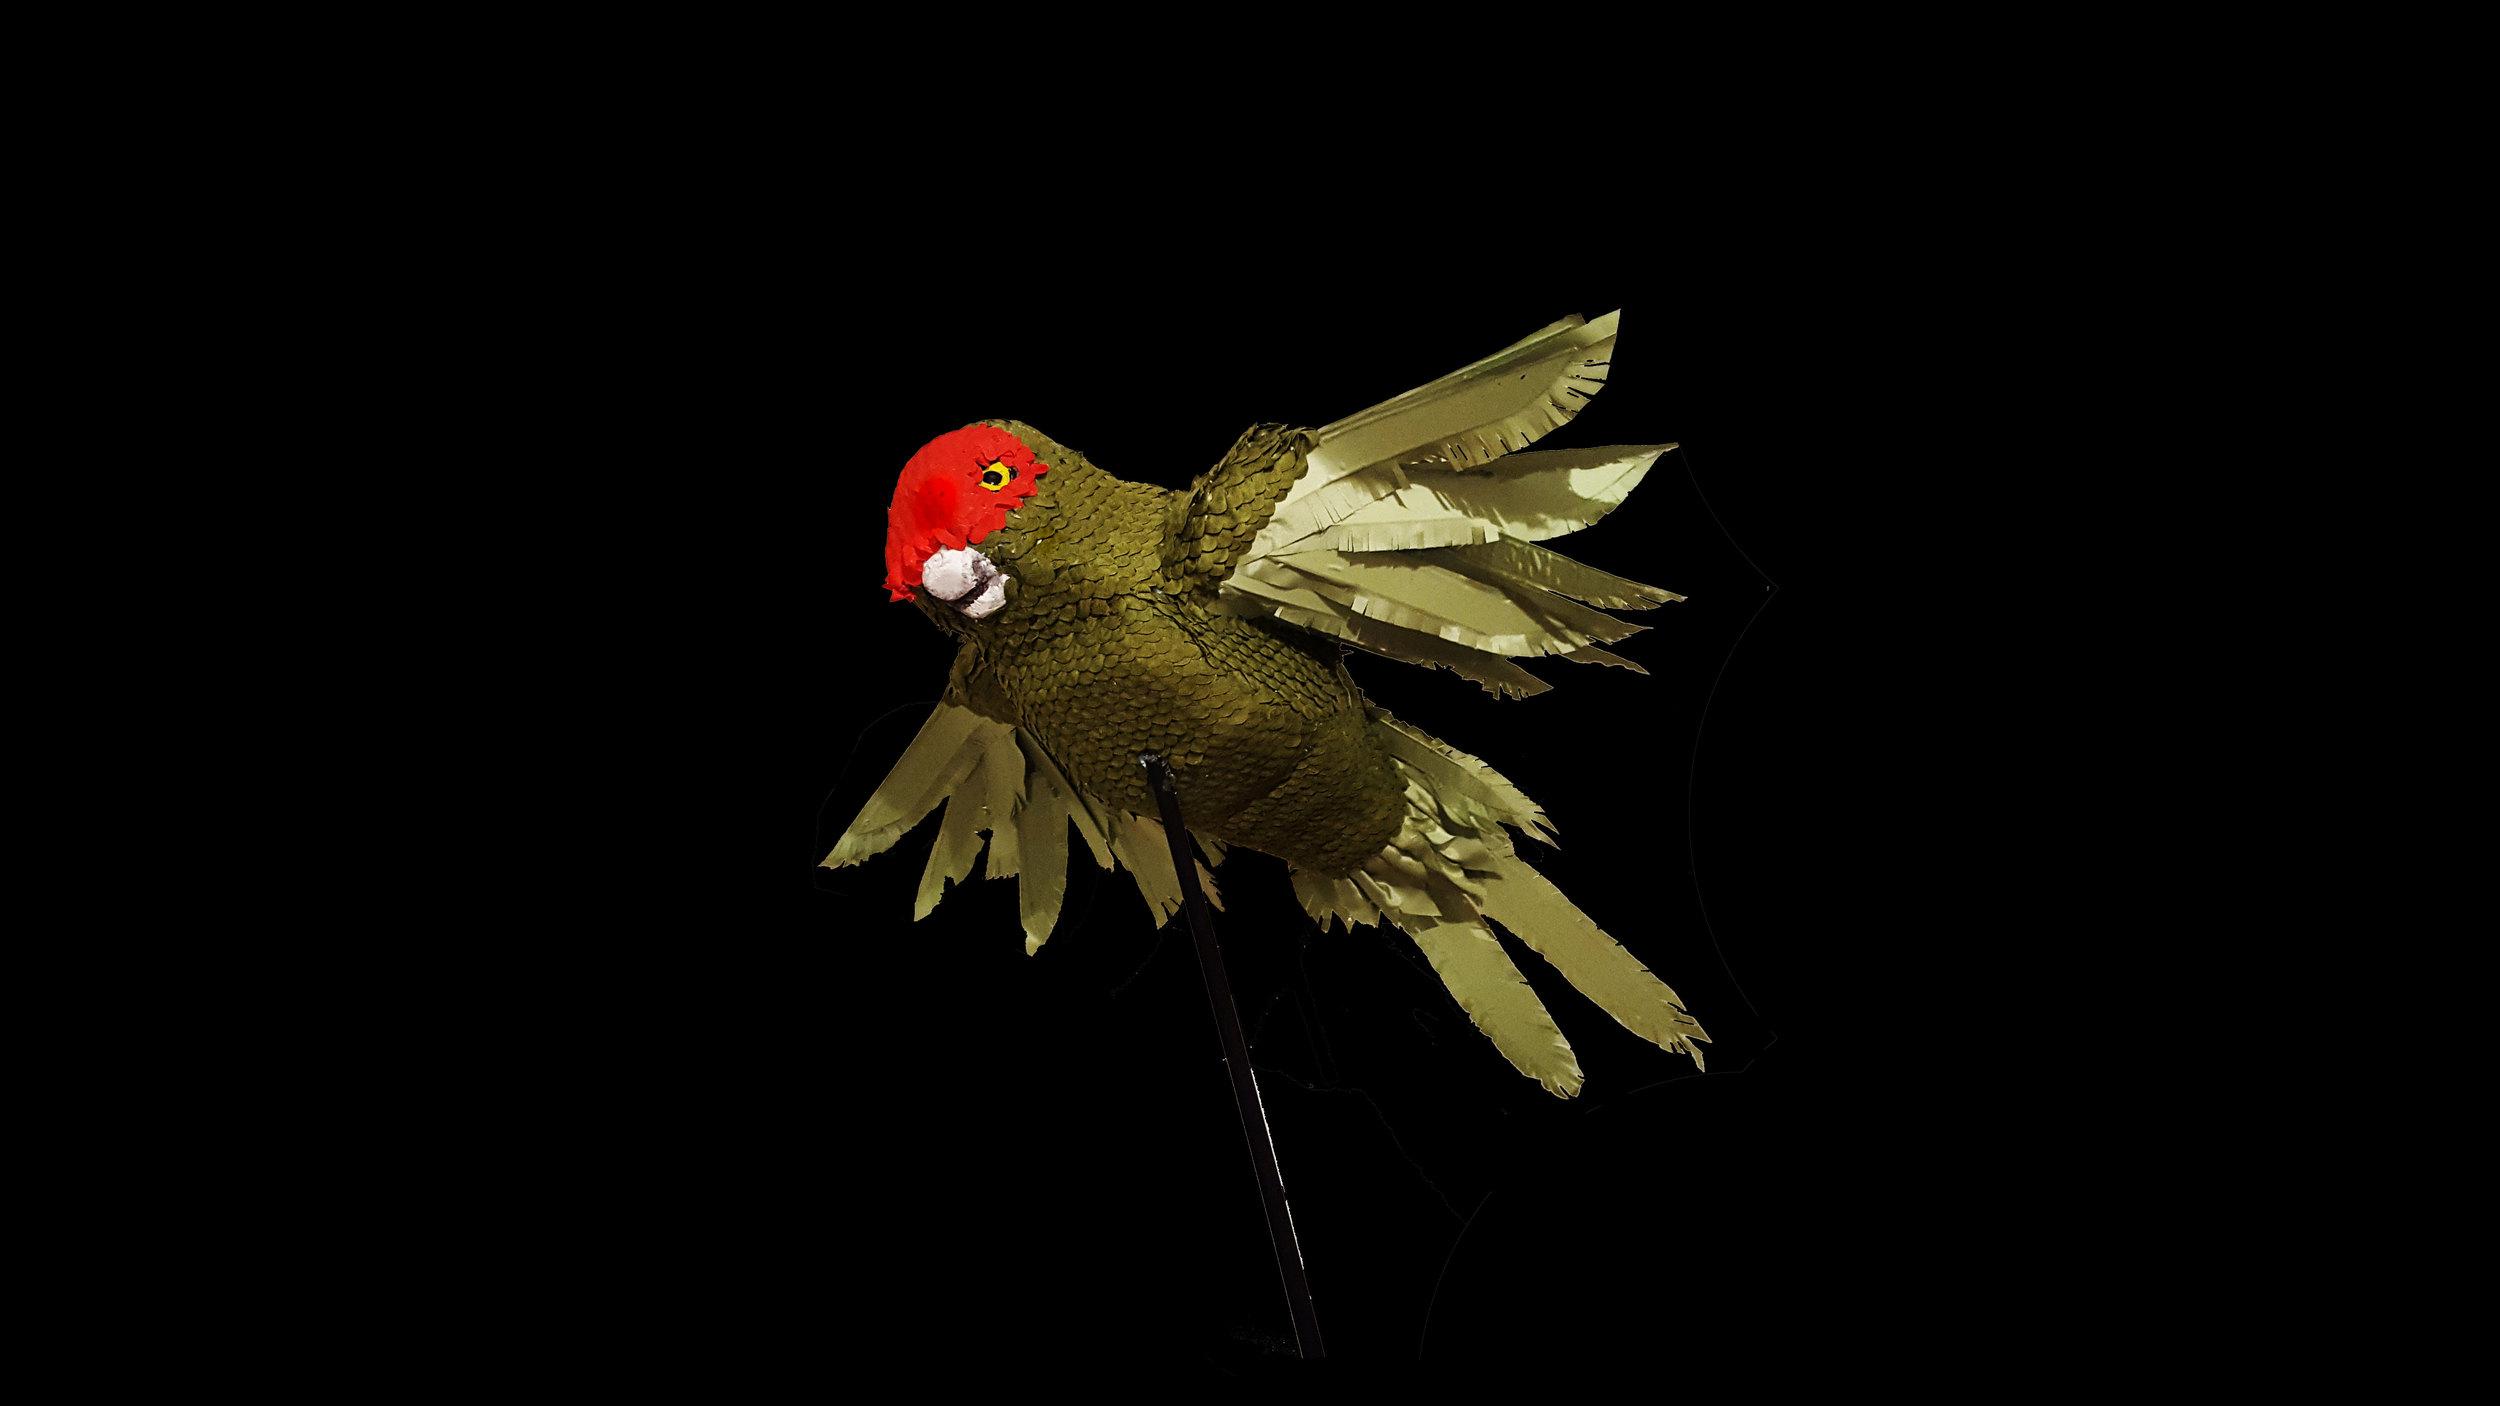 flyingparrotforwebsite.jpg